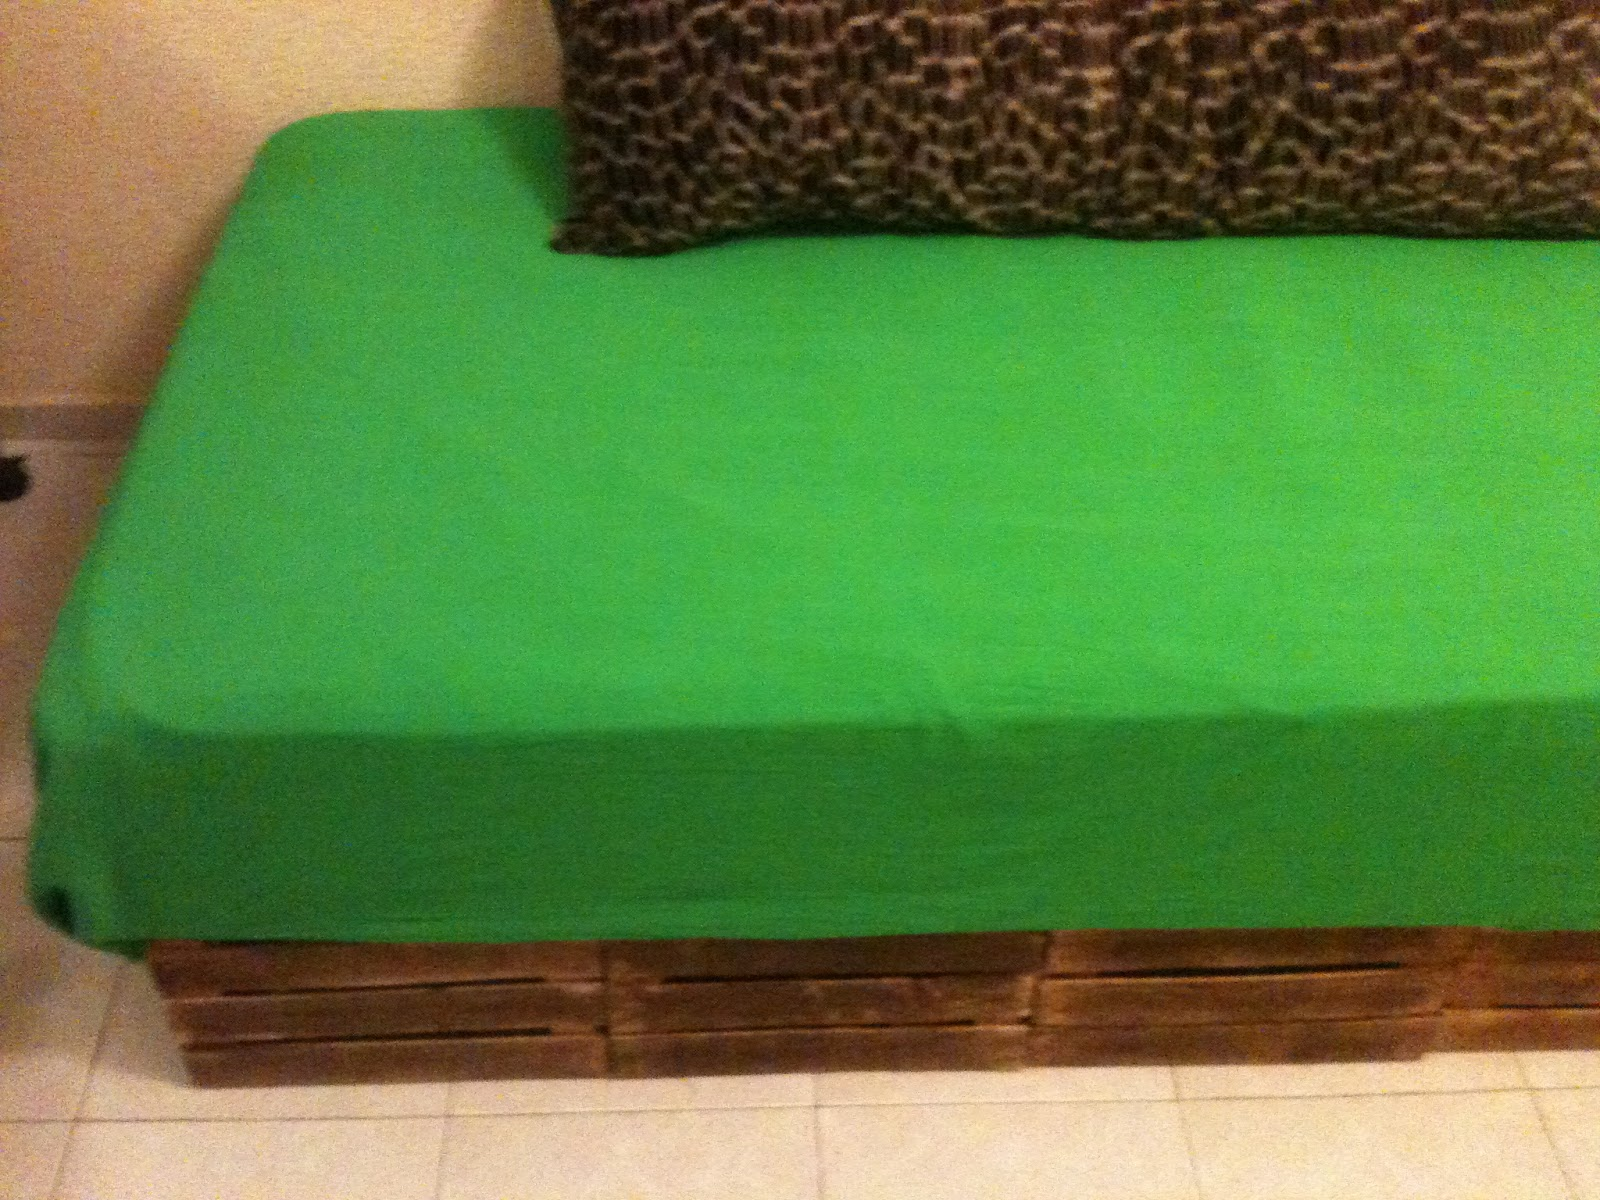 De tiliches chunches y otros triques huacama o sof cama for Cuanto sale un sofa cama